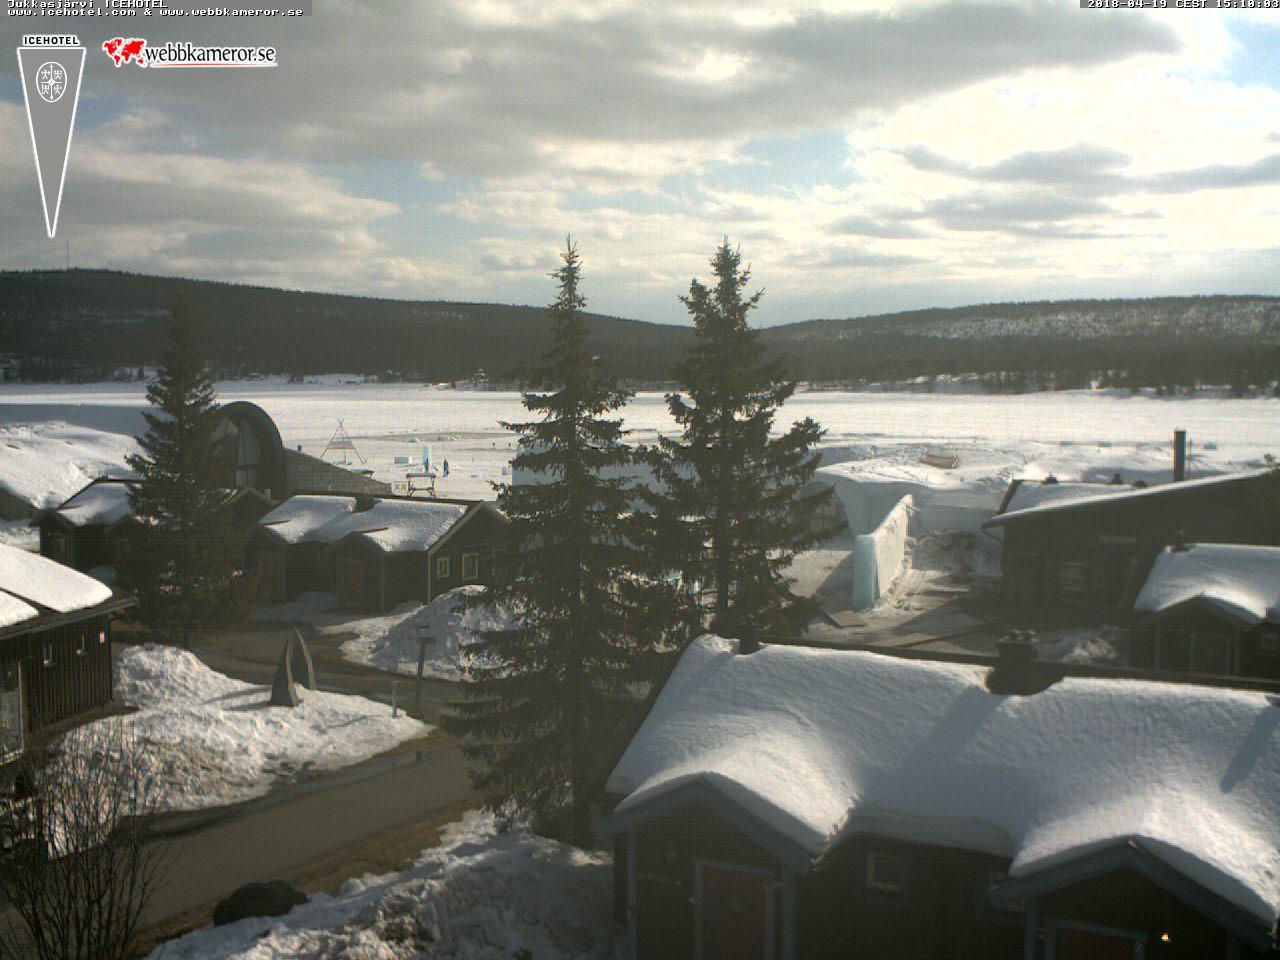 Webbkamera - ICEHOTEL, Jukkasjärvi